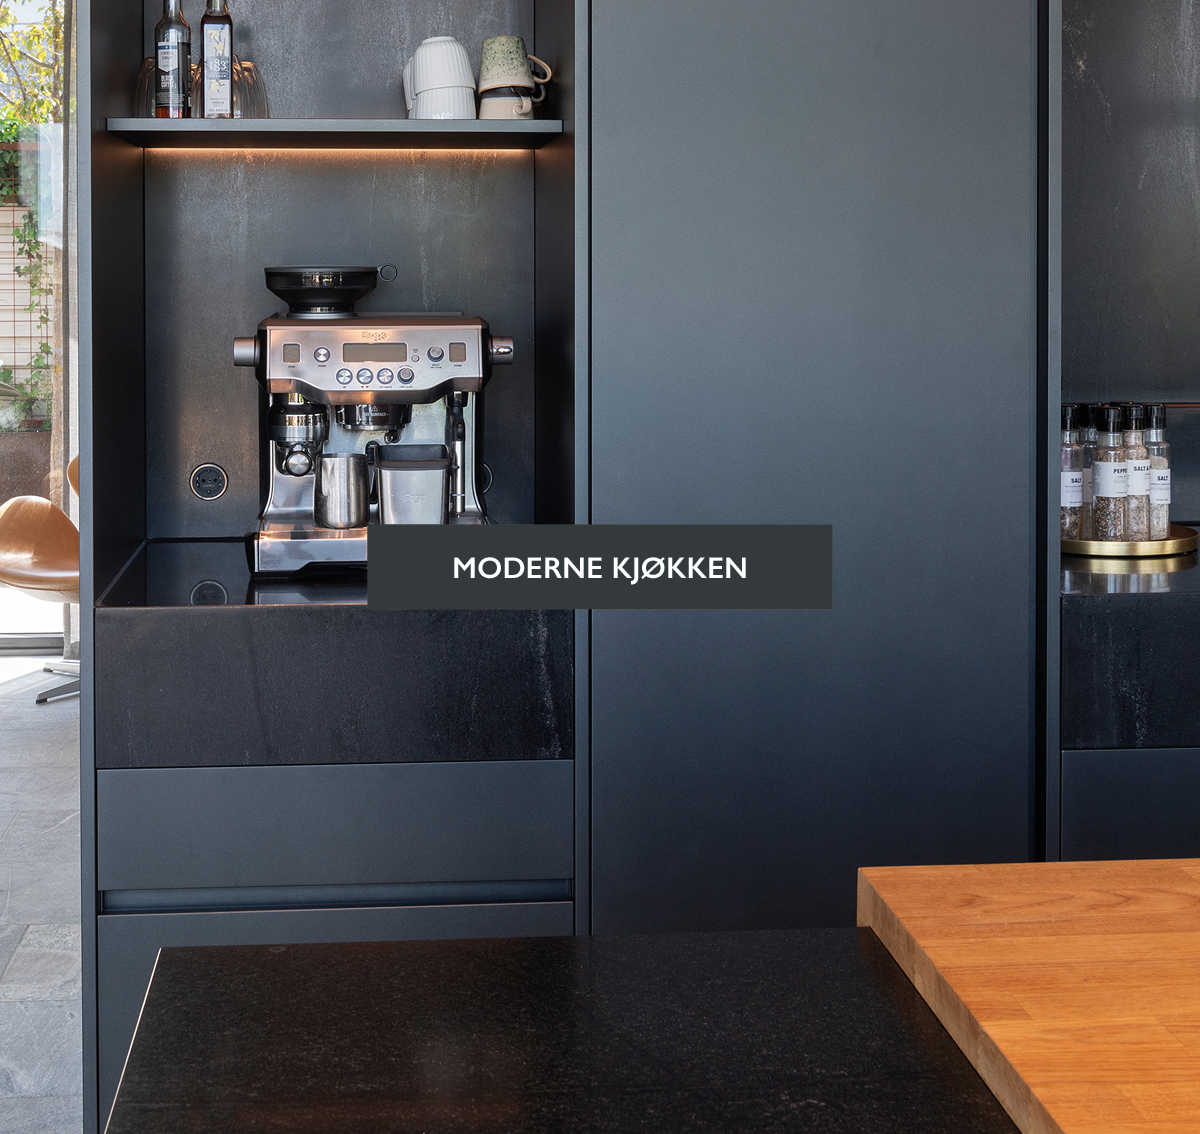 Kjøkken i svart med lys